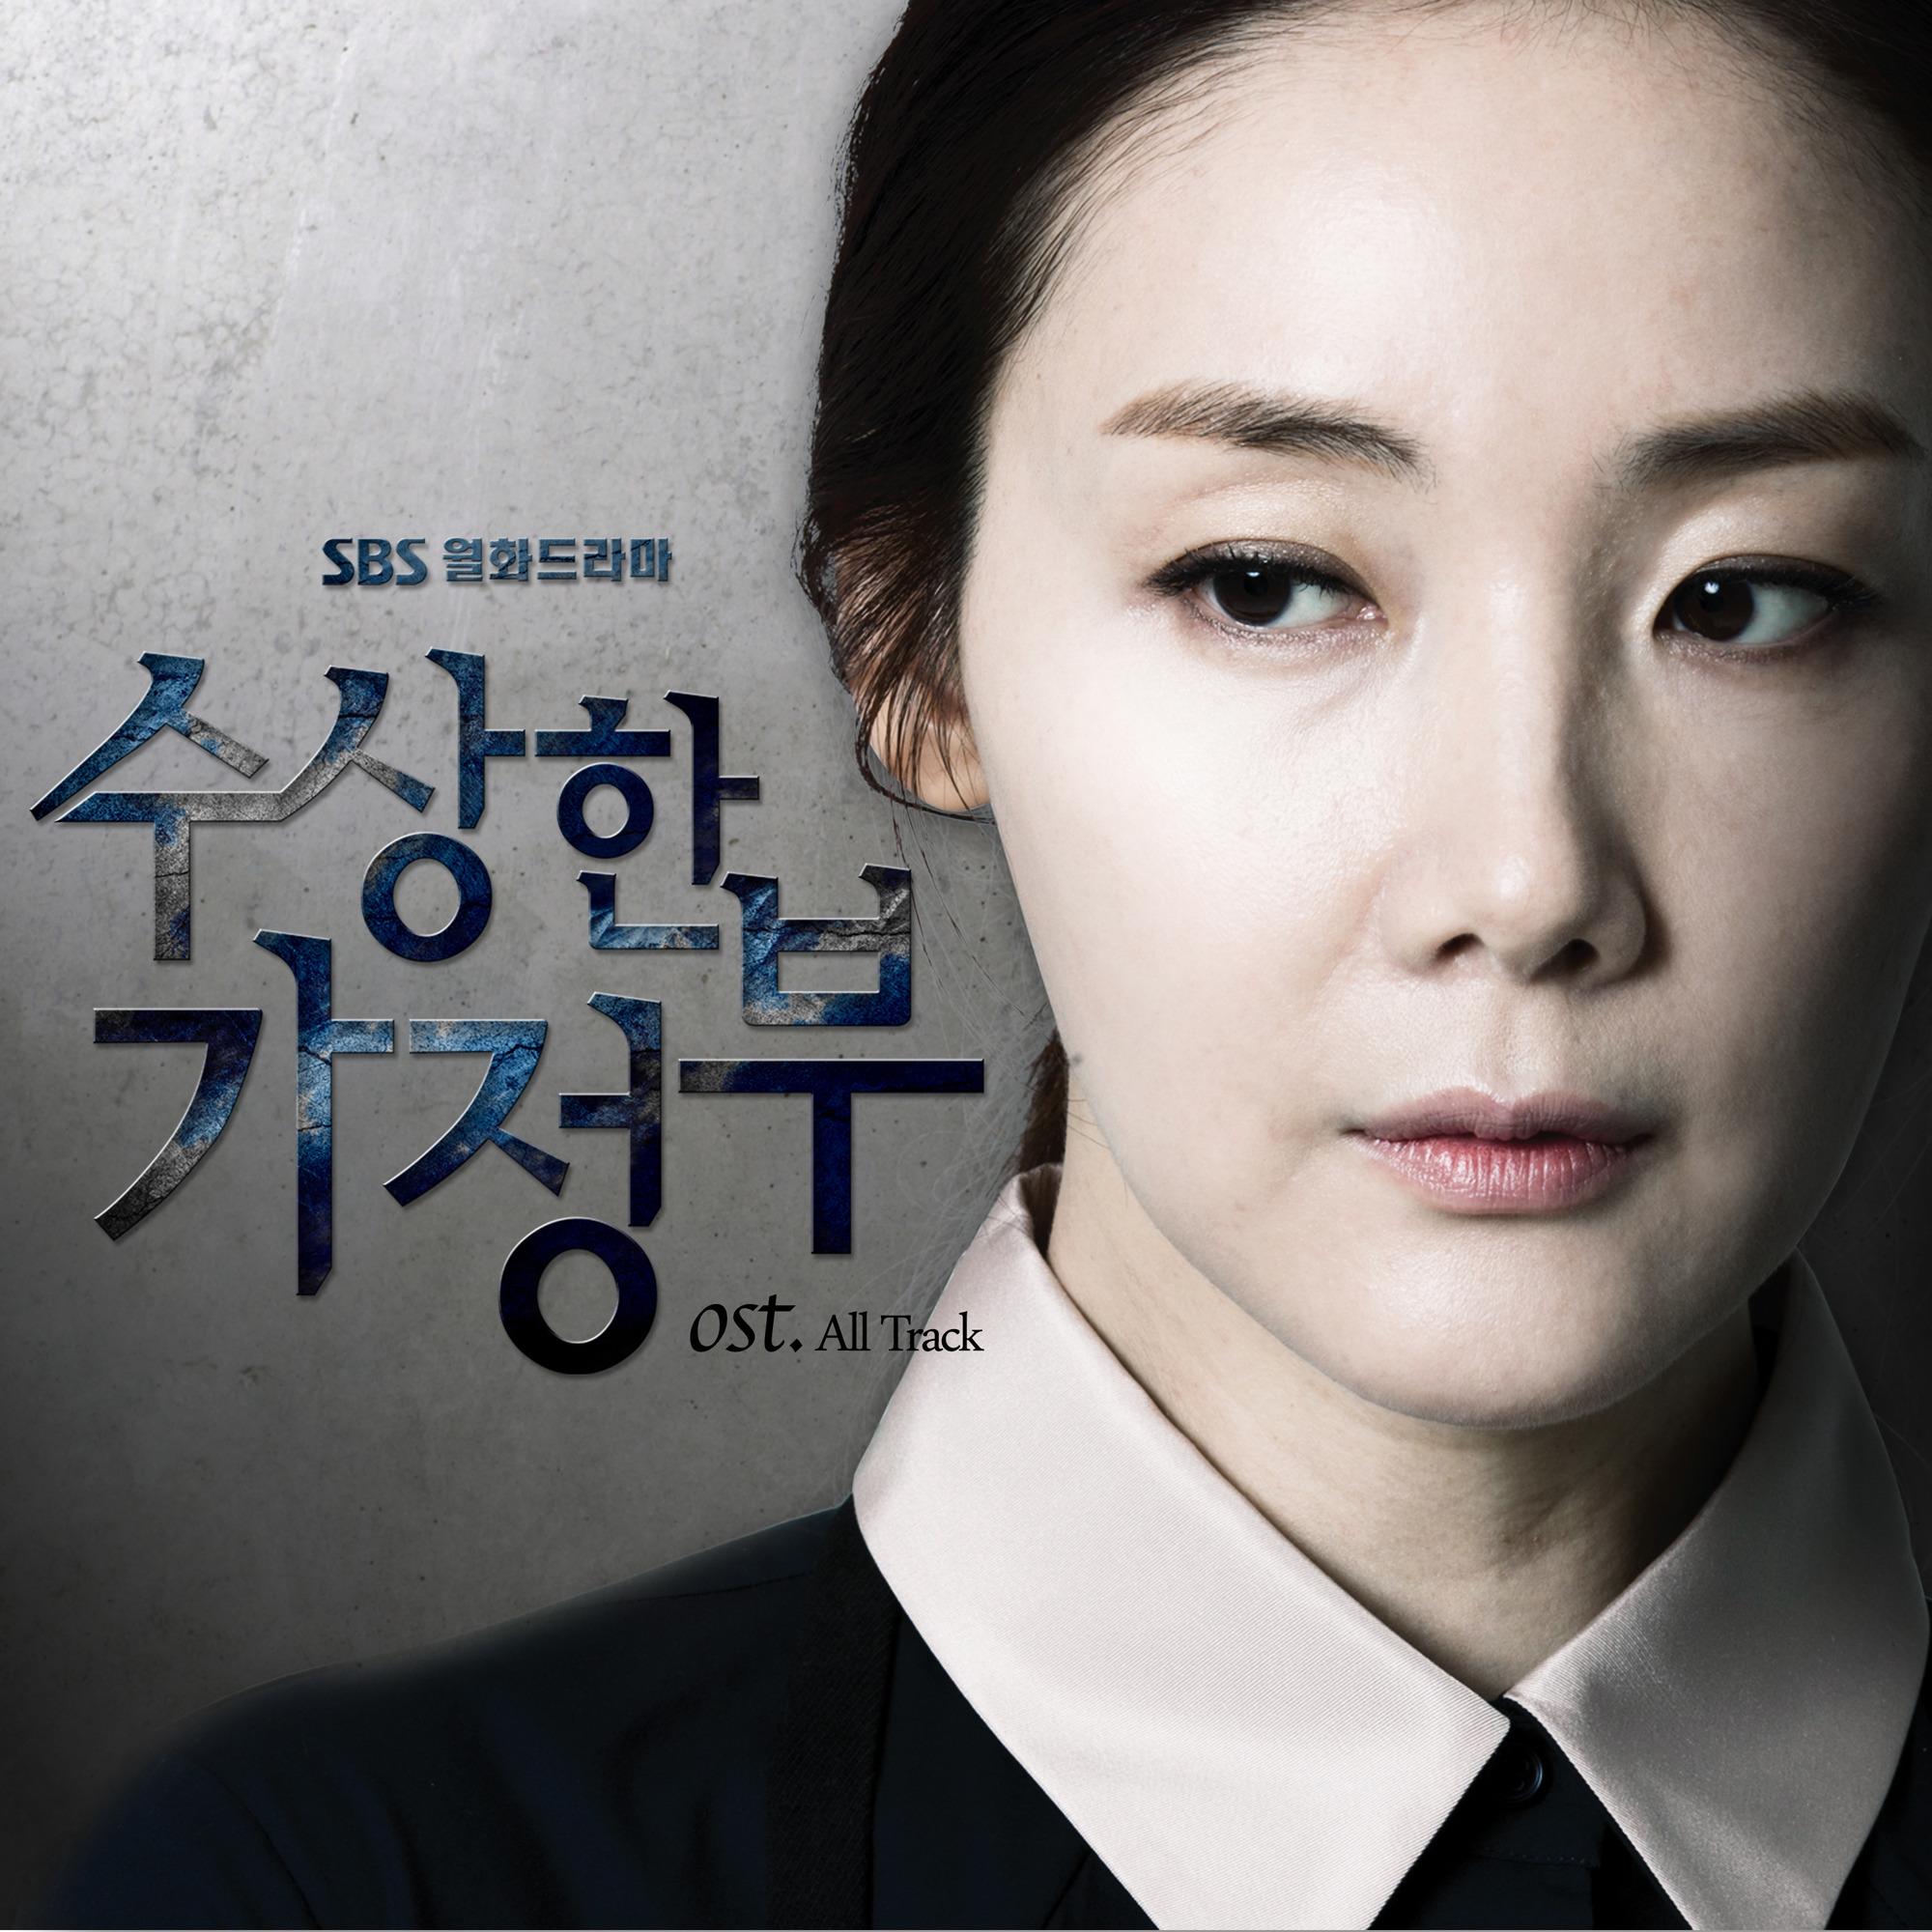 수상한 가정부 (SBS 월화드라마) 앨범정보